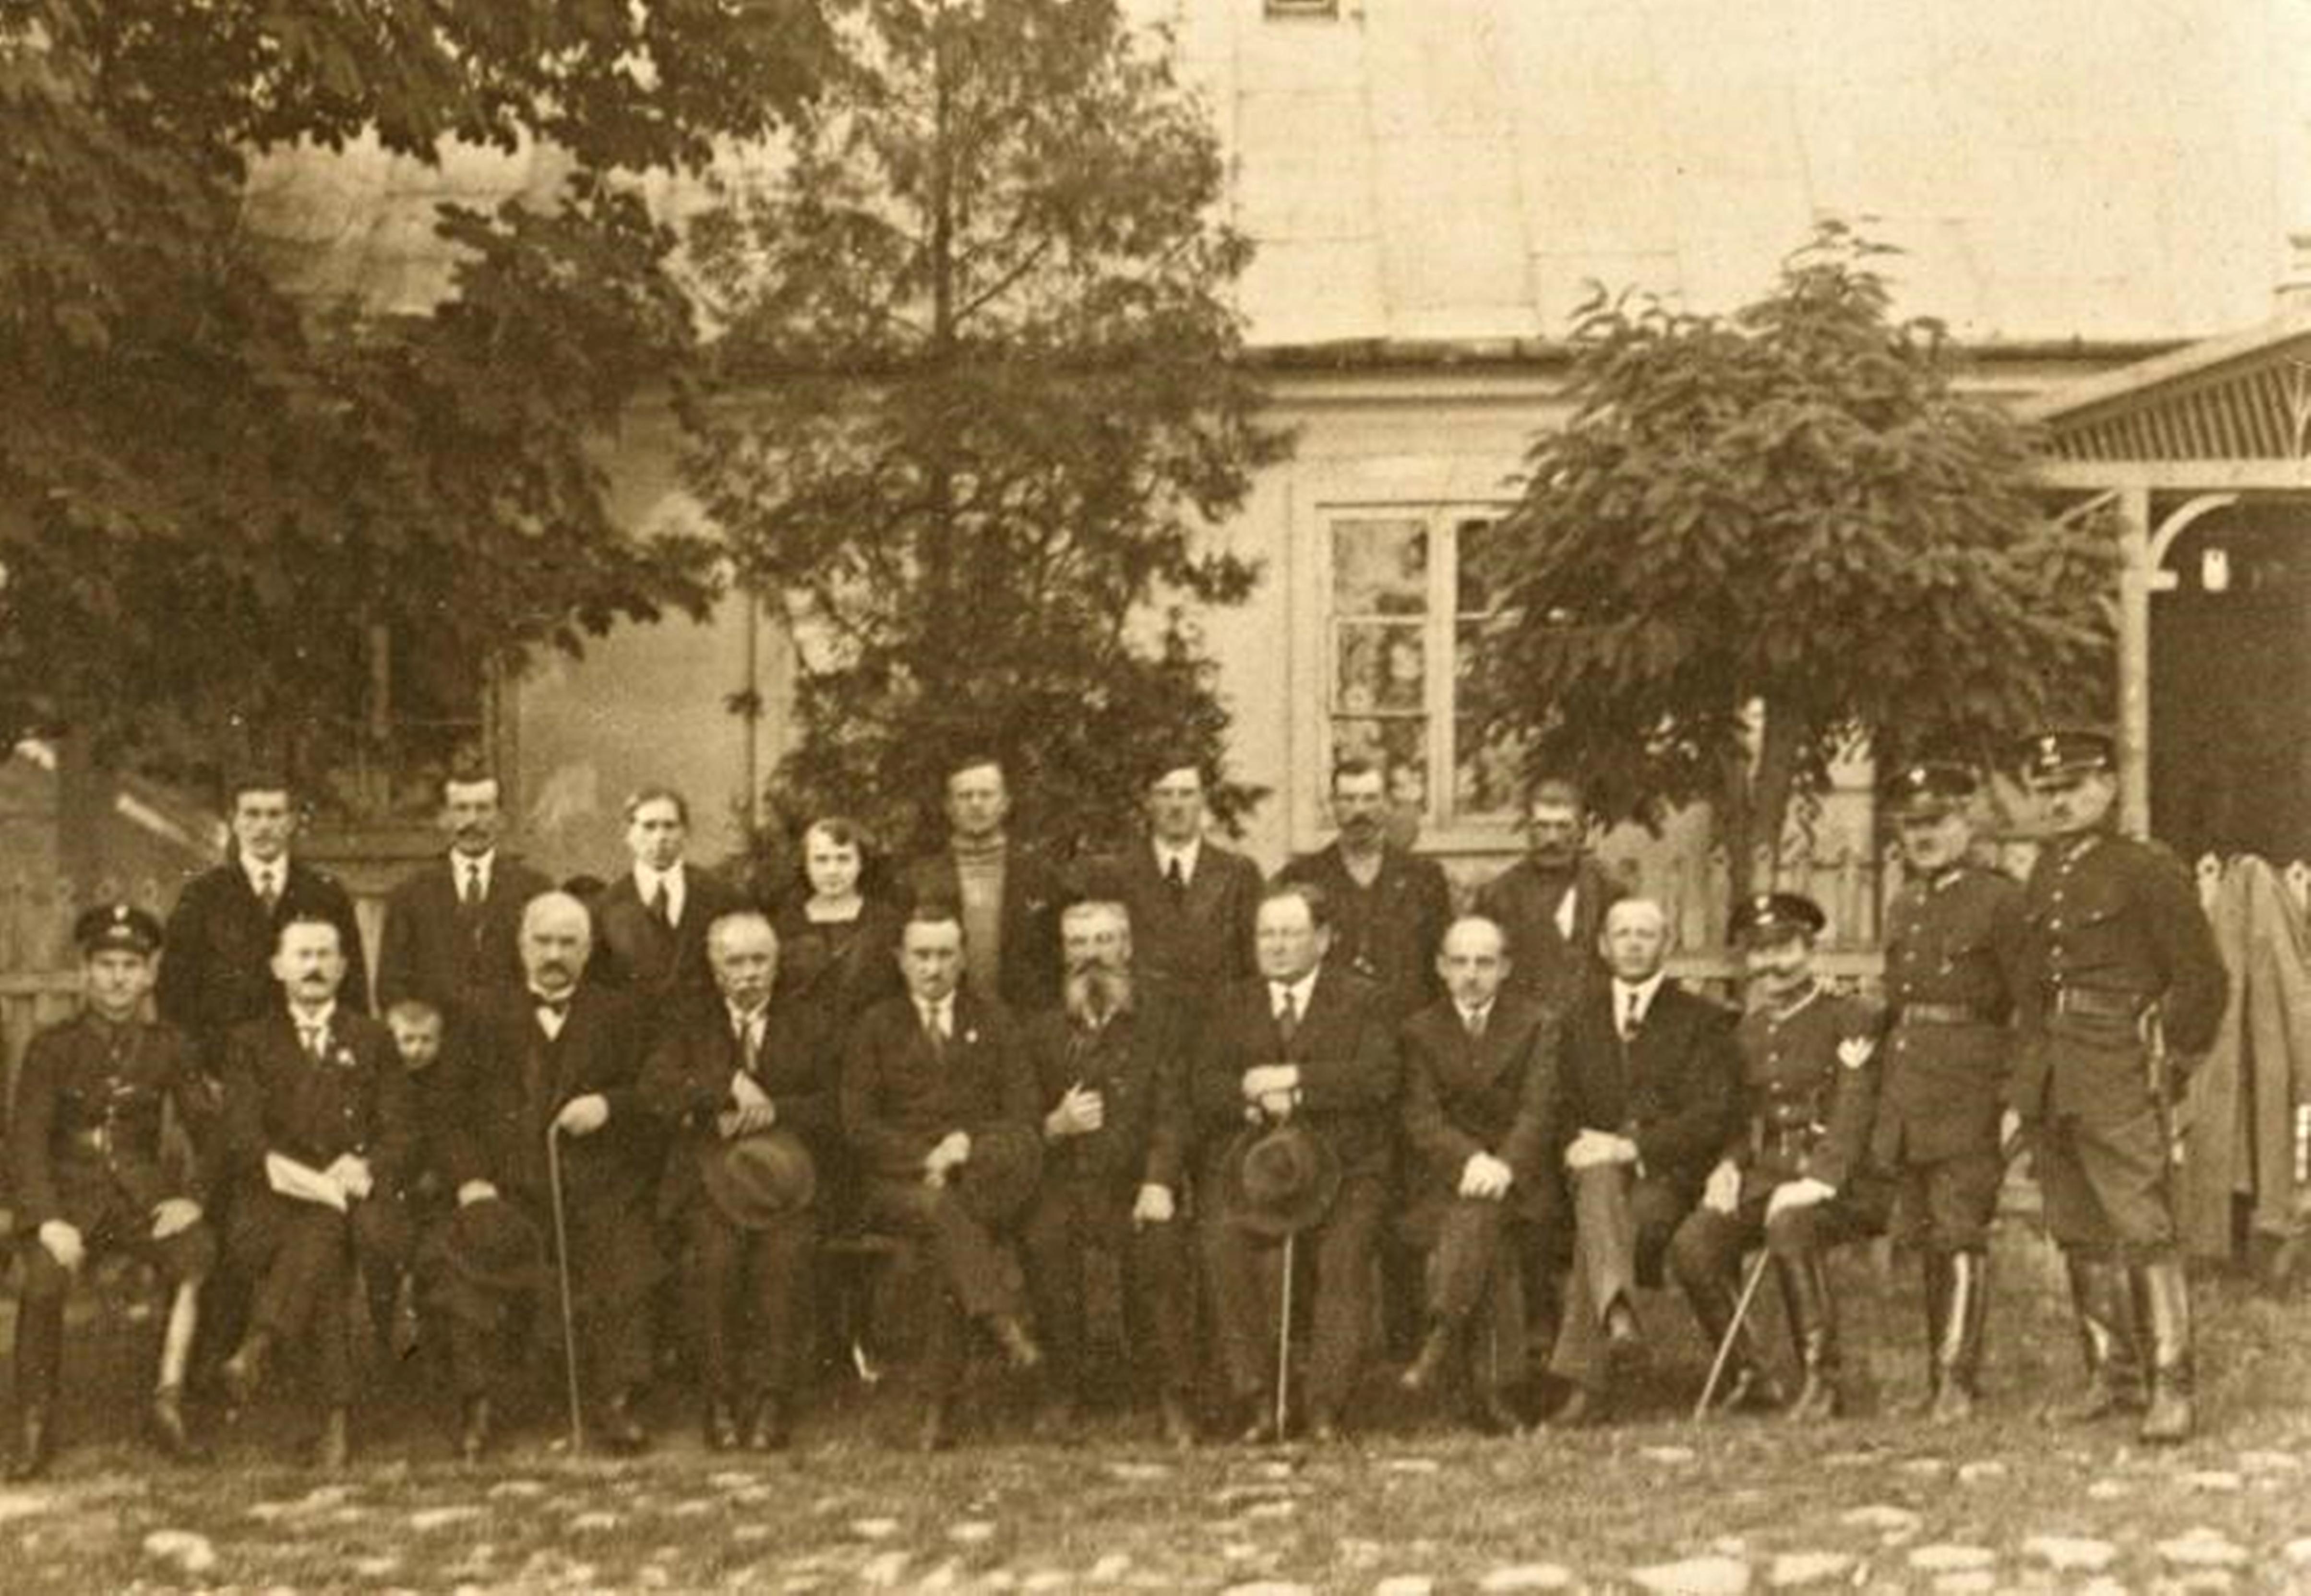 Widok z 1925 roku - plebania z fragmentem drewnianego ganku. Foto zbiory muzeum.